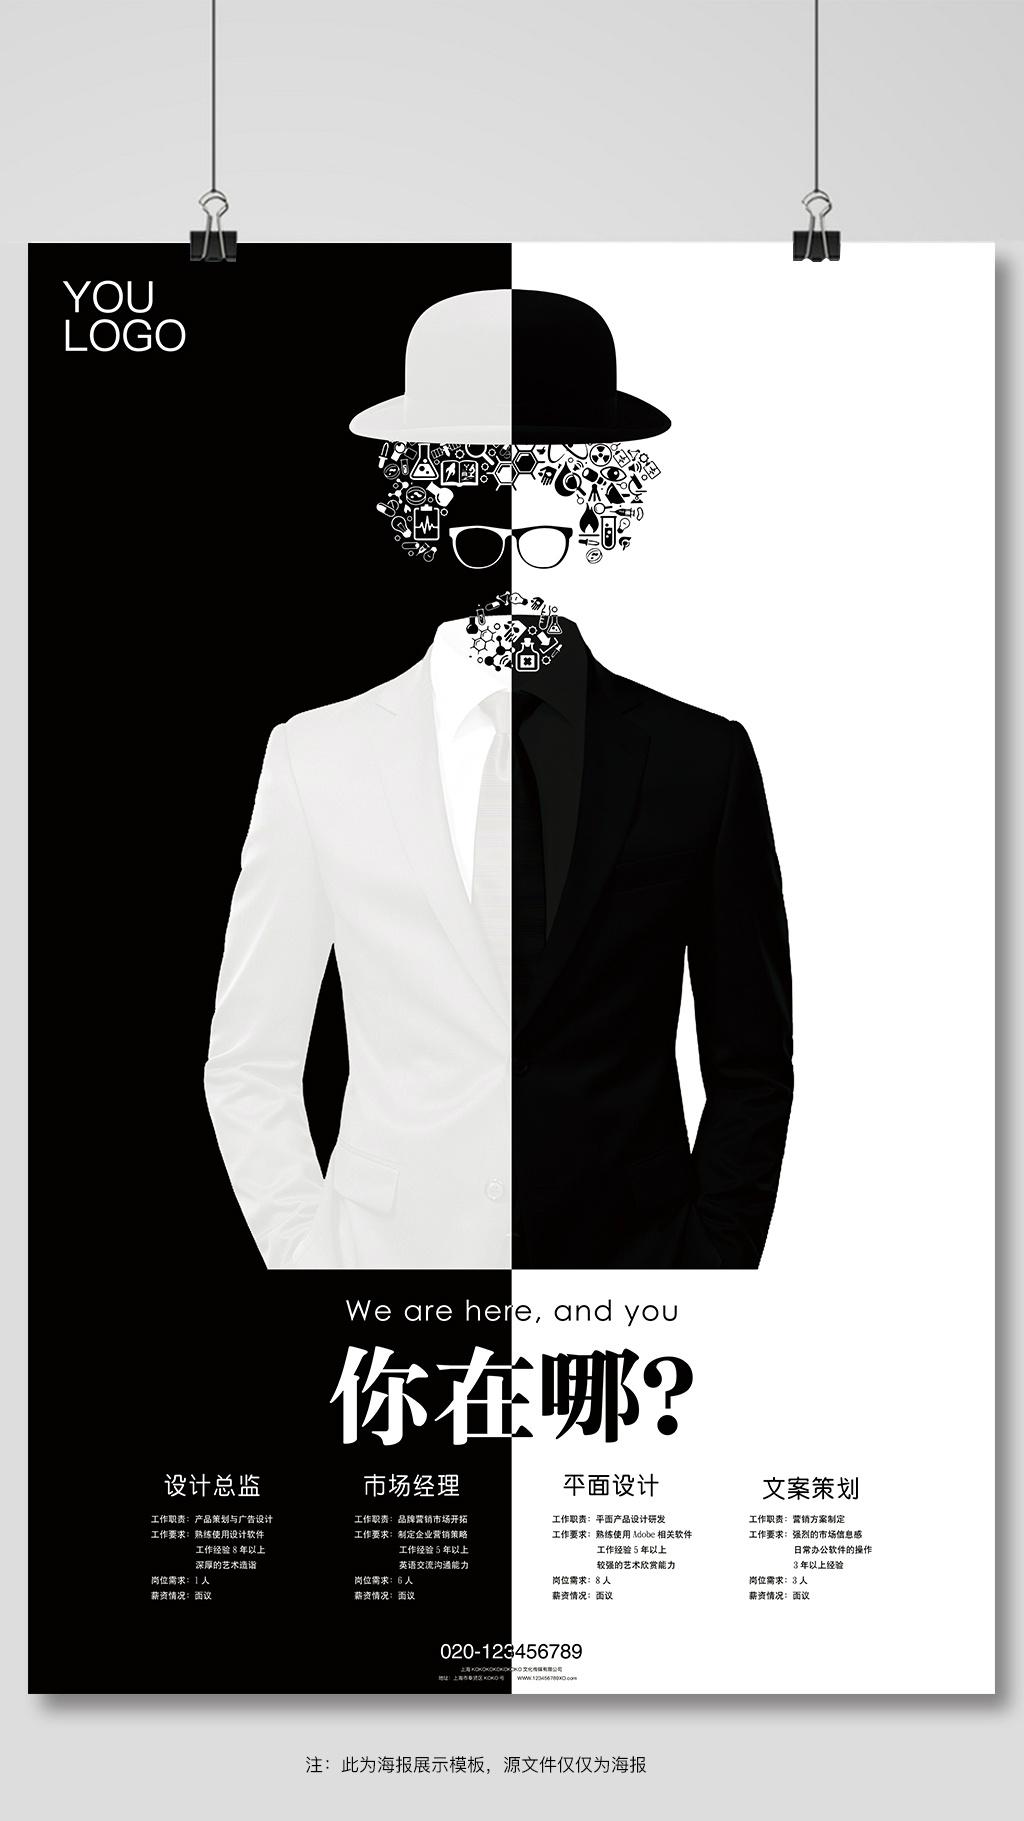 校园海报素材_2017简约醒目招聘海报模板PSD|平面|海报|rikete - 原创作品 - 站酷 (ZCOOL)